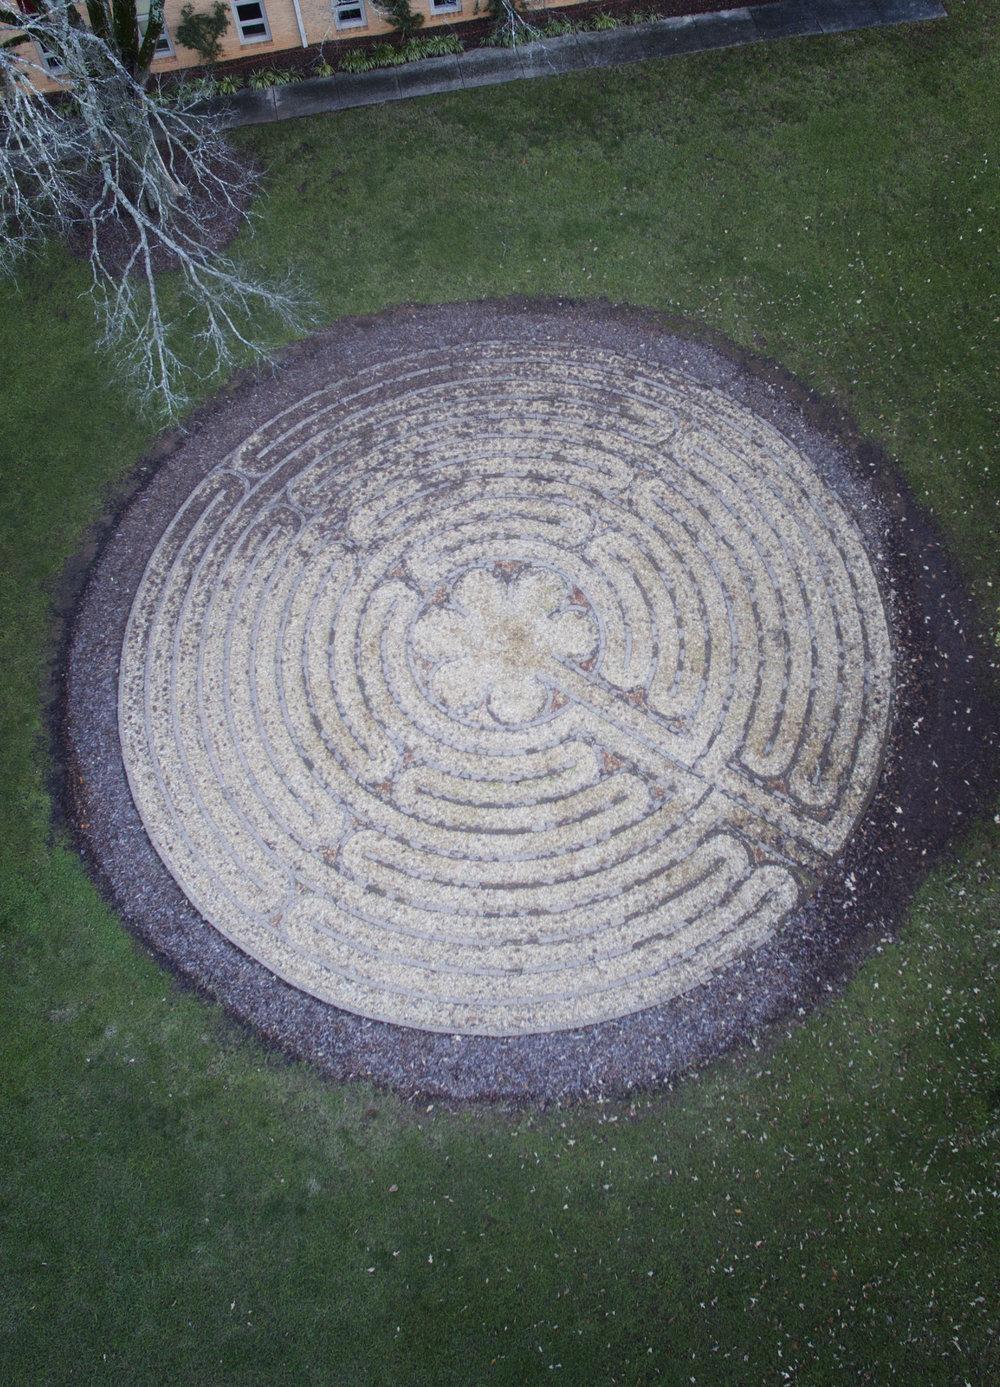 drone wedgewood labyrinth 13.jpg